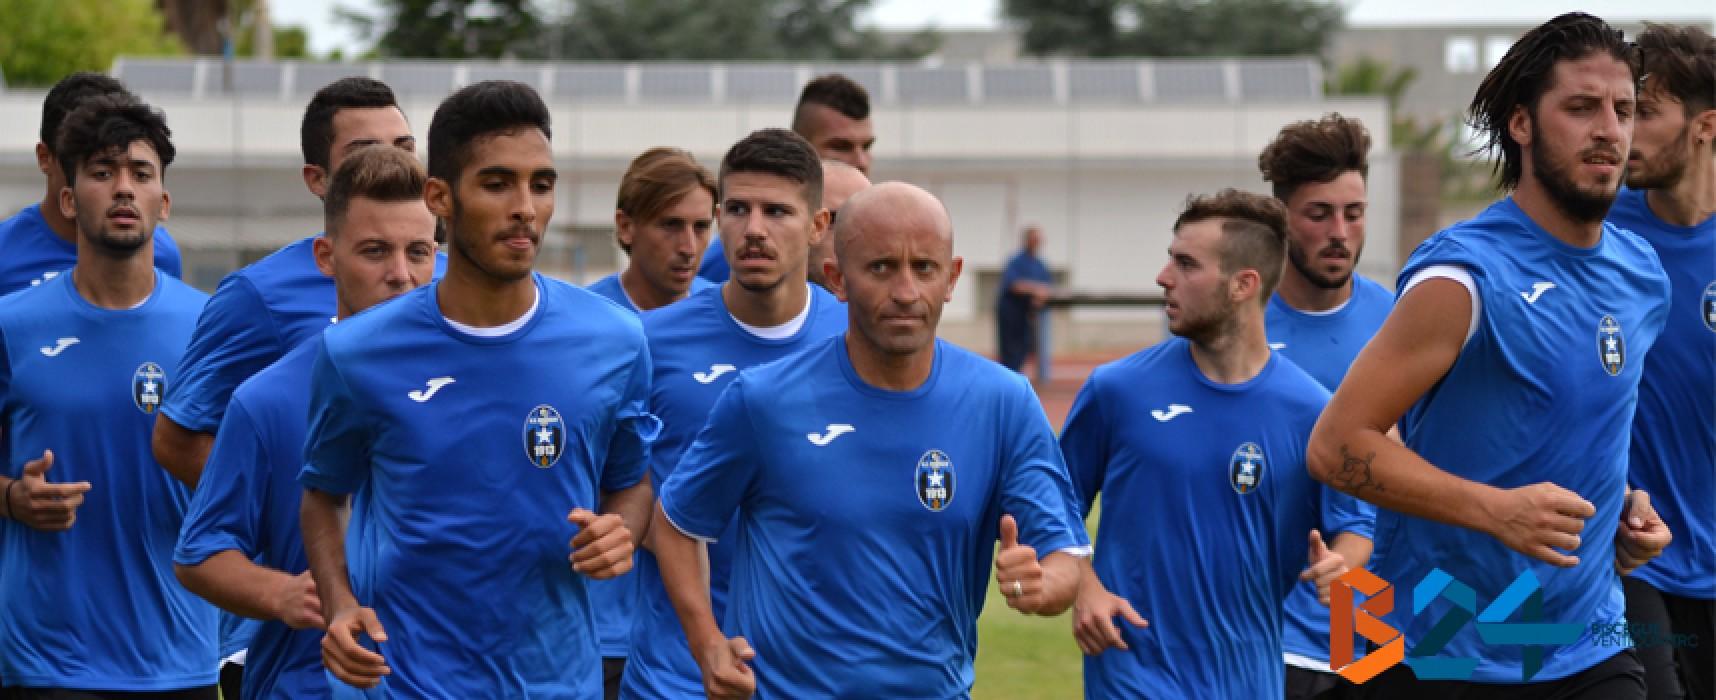 Bisceglie calcio, a Brindisi vittoria storica nel segno degli under